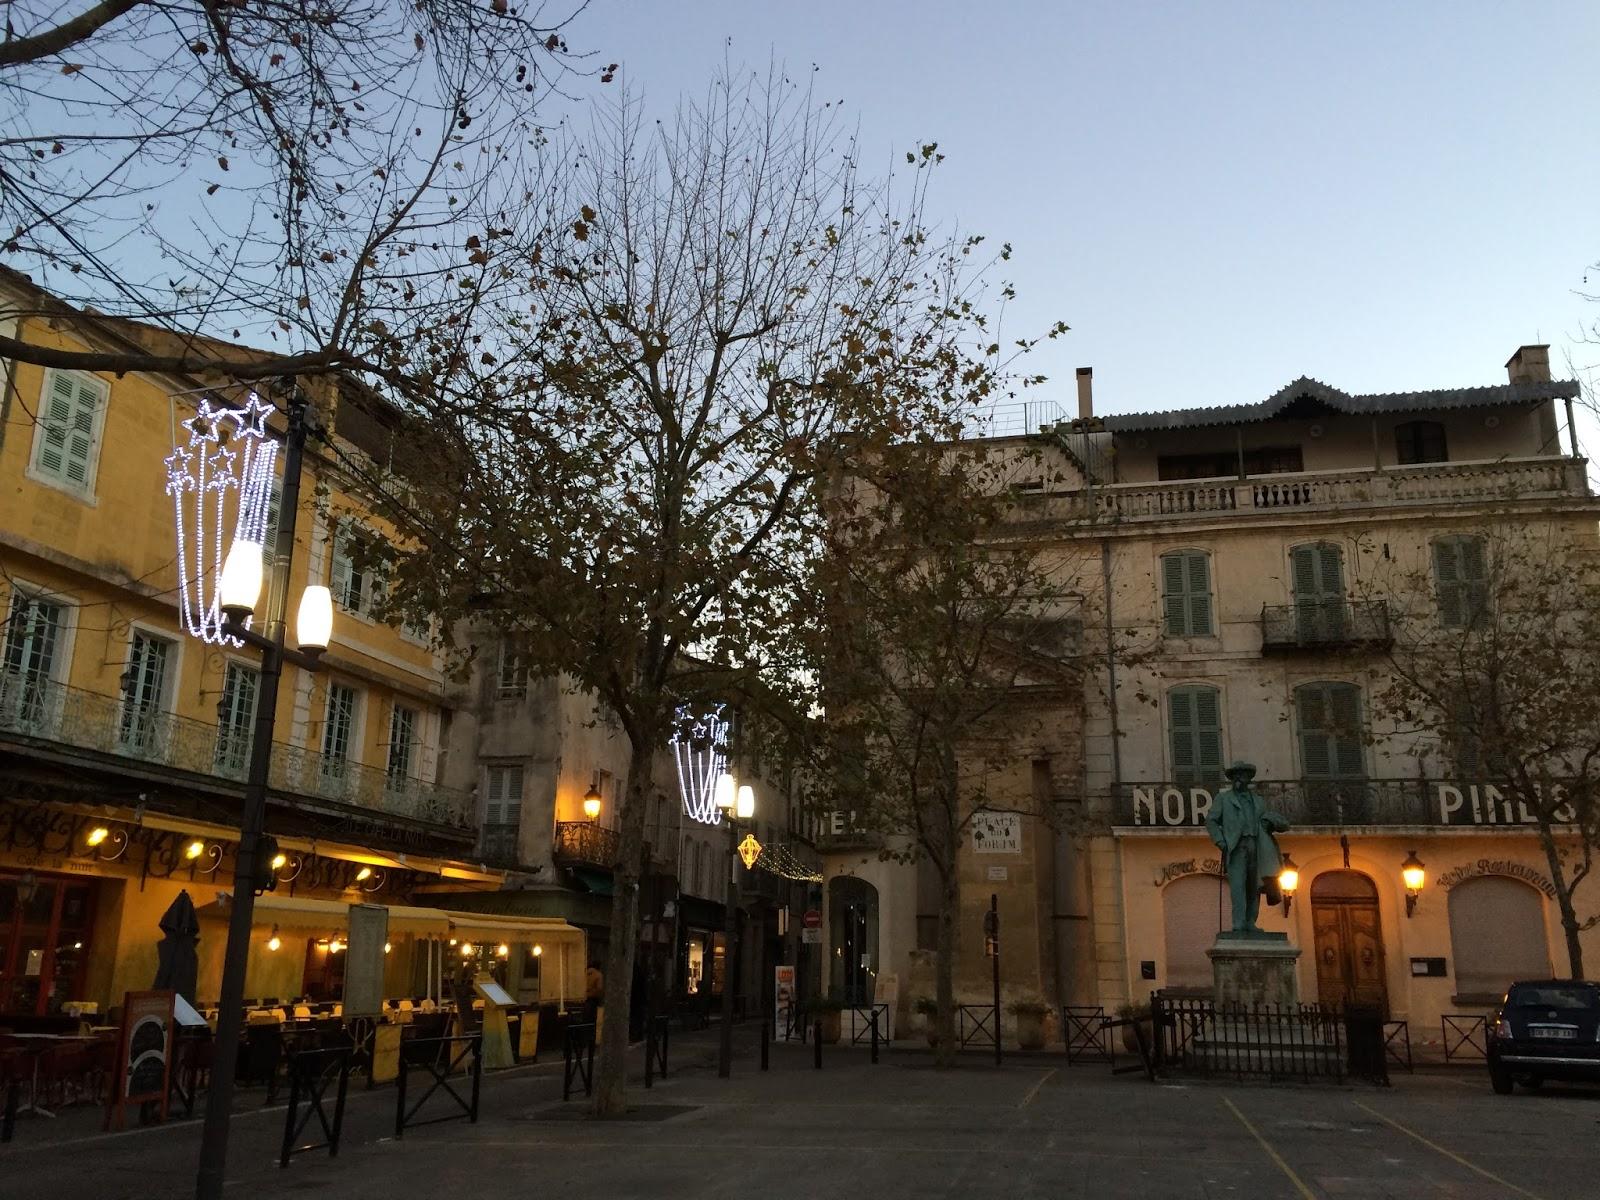 フォルム広場(Place du Foru)・Van Gogh Cafe(夜のカフェテラス)